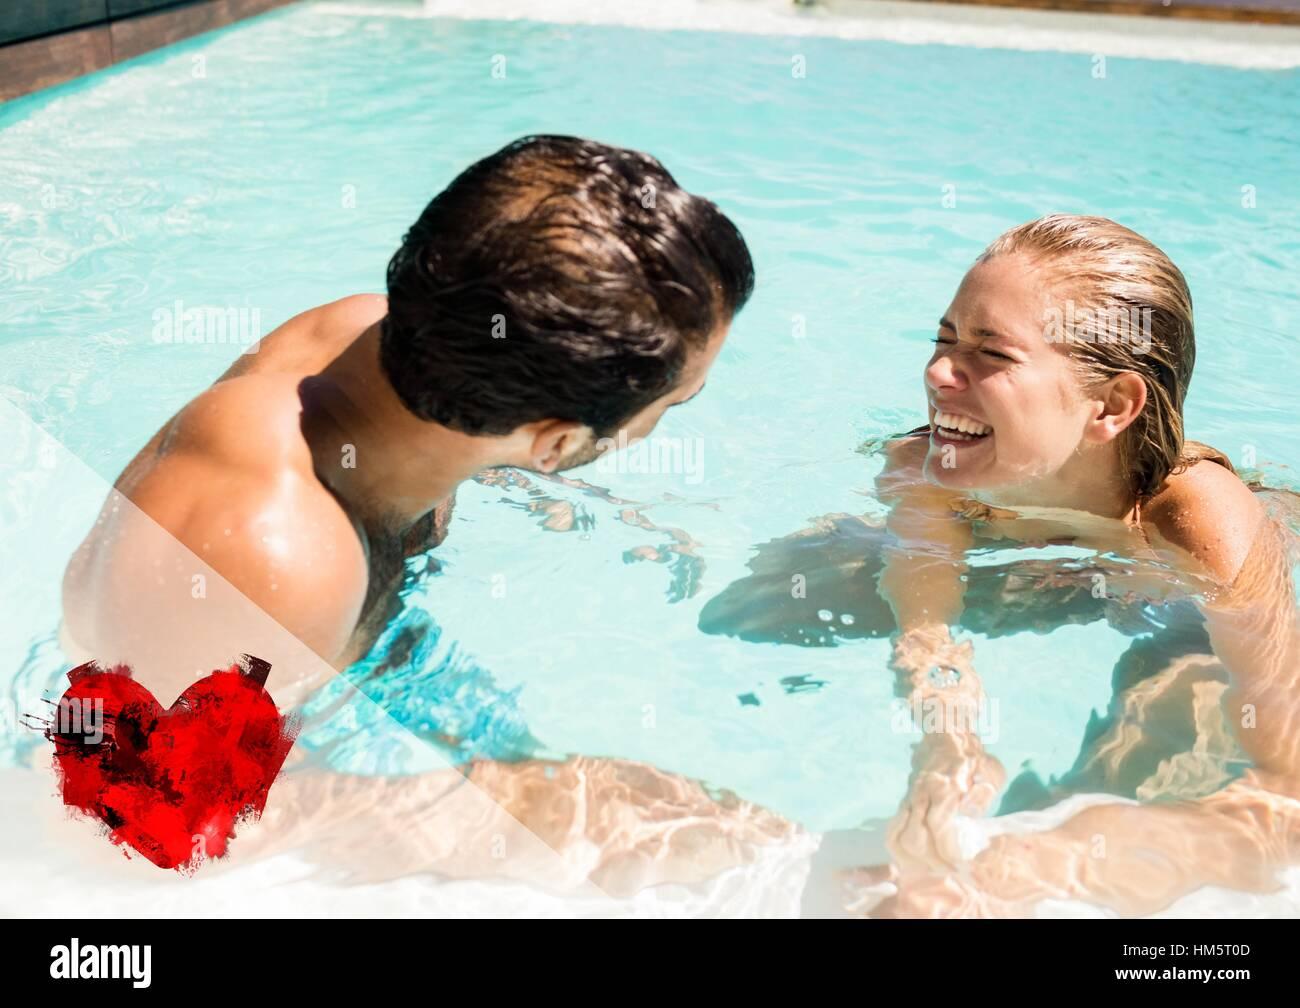 Couple having fun in swimming pool - Stock Image